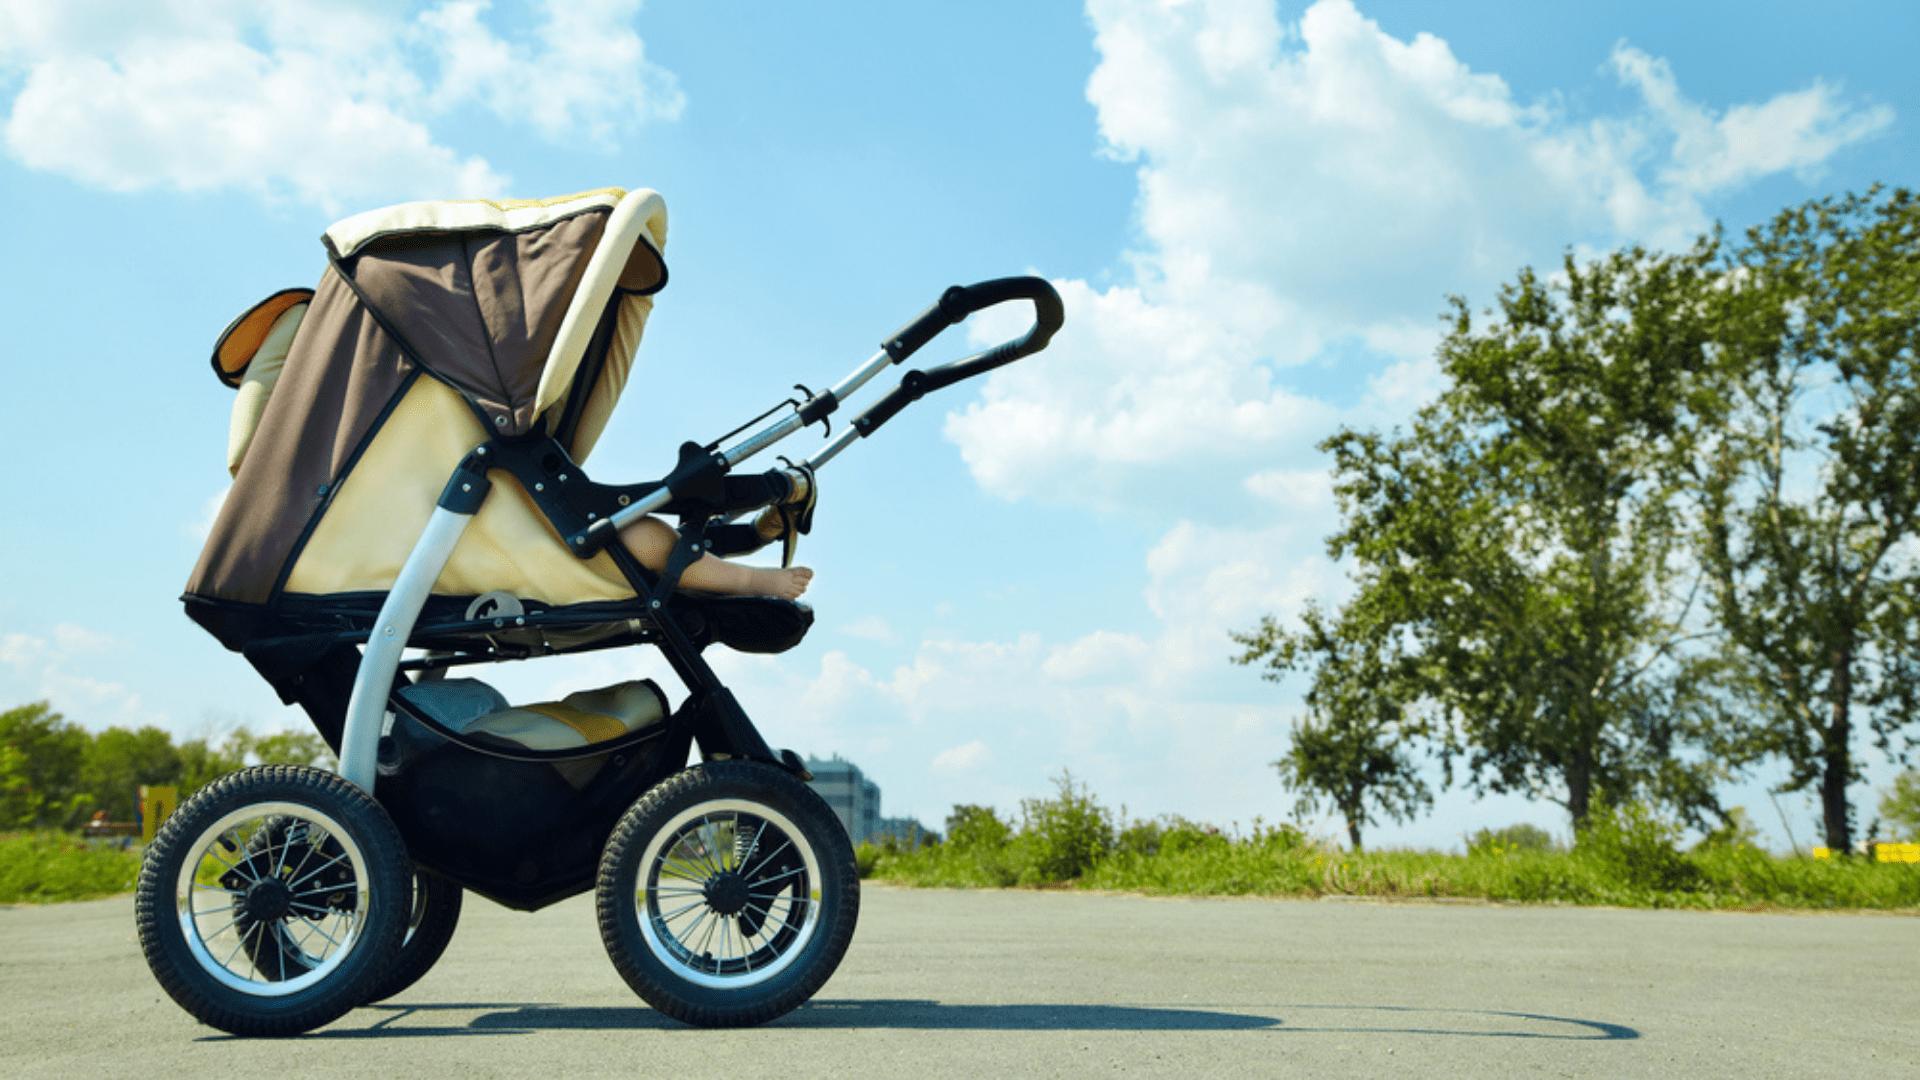 Confira algumas dicas para se atentar na hora de escolher um carrinho de bebê (Imagem: Reprodução/Shutterstock)